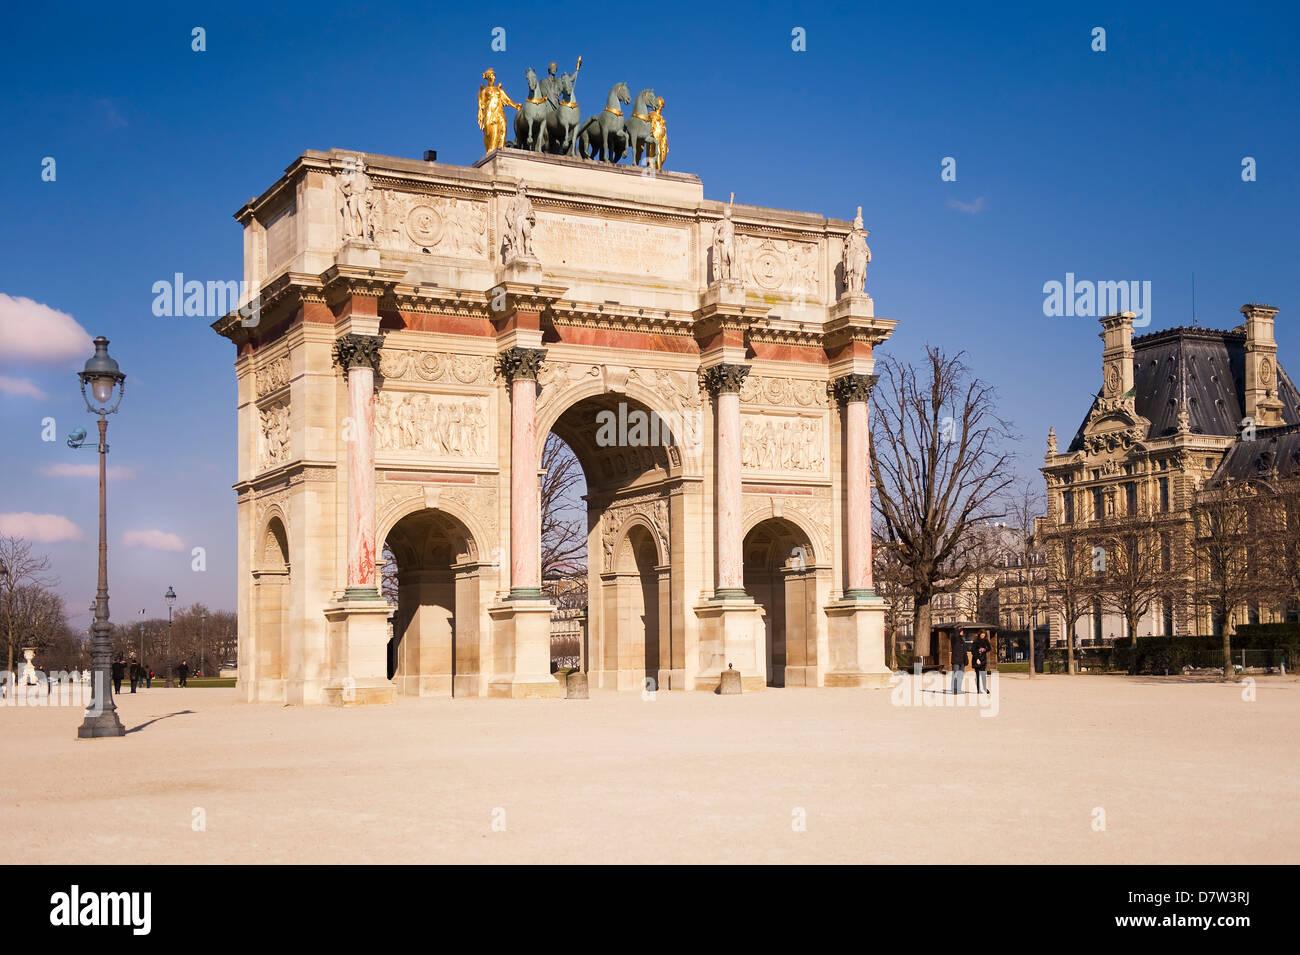 Arc du Carrousel, Place du Carrousel, Paris, France - Stock Image